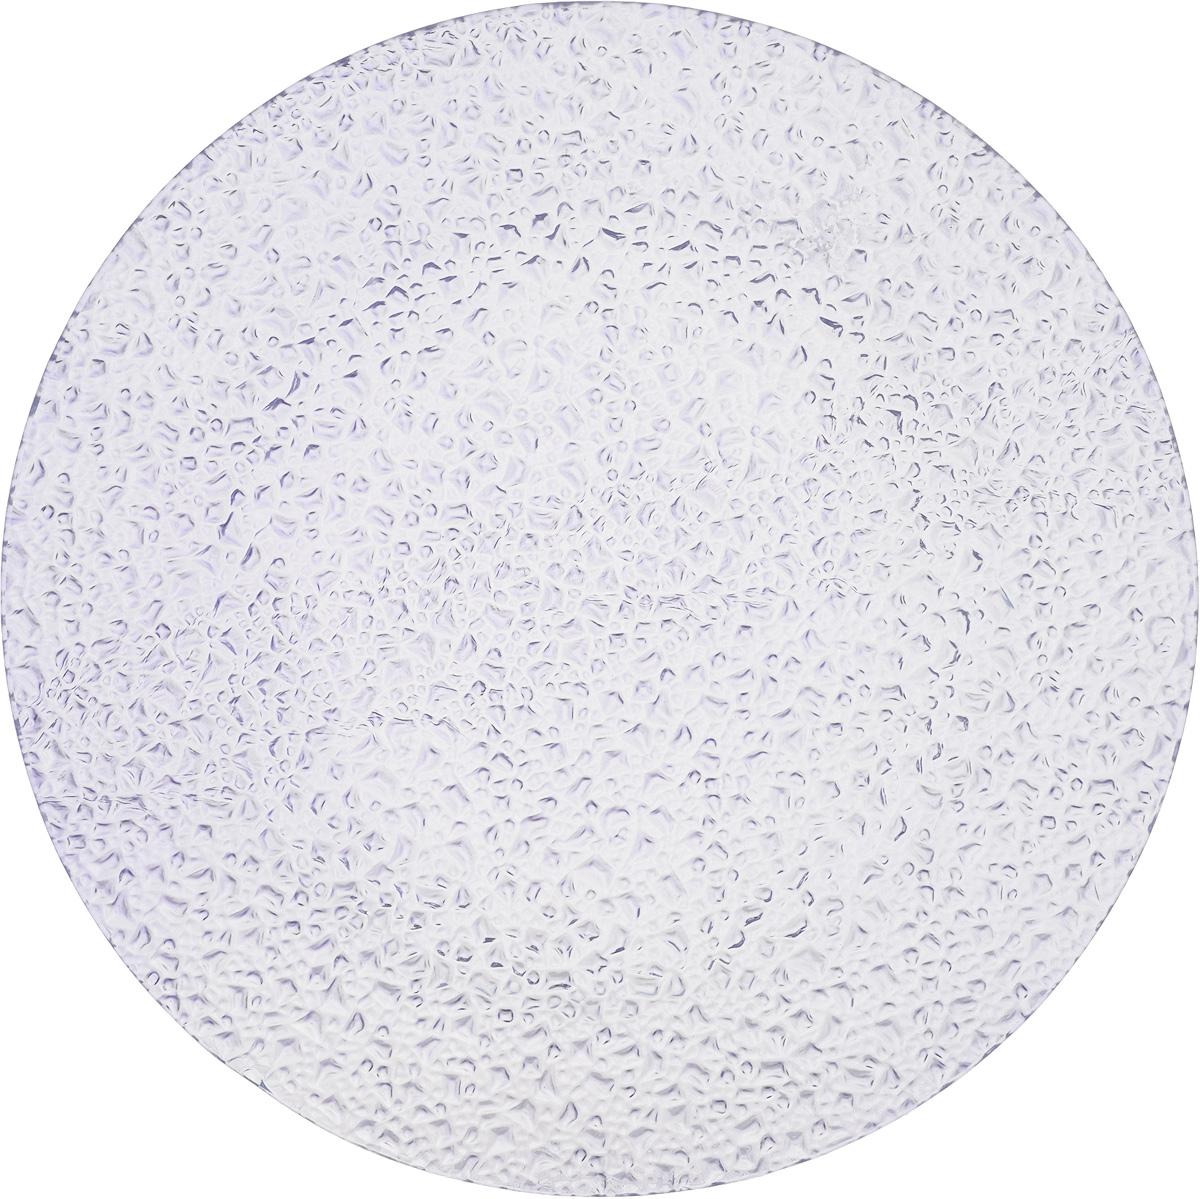 Тарелка Vellarti, цвет: светло-сиреневый, диаметр 22 см10-06 сирТарелка Vellarti выполнена из высококачественного стекла и имеет рельефную внешнюю поверхность. Она прекрасно впишется в интерьер вашей кухни и станет достойным дополнением к кухонному инвентарю. Тарелка Vellarti подчеркнет прекрасный вкус хозяйки и станет отличным подарком. Диаметр тарелки: 22 см. Высота: 1 см.